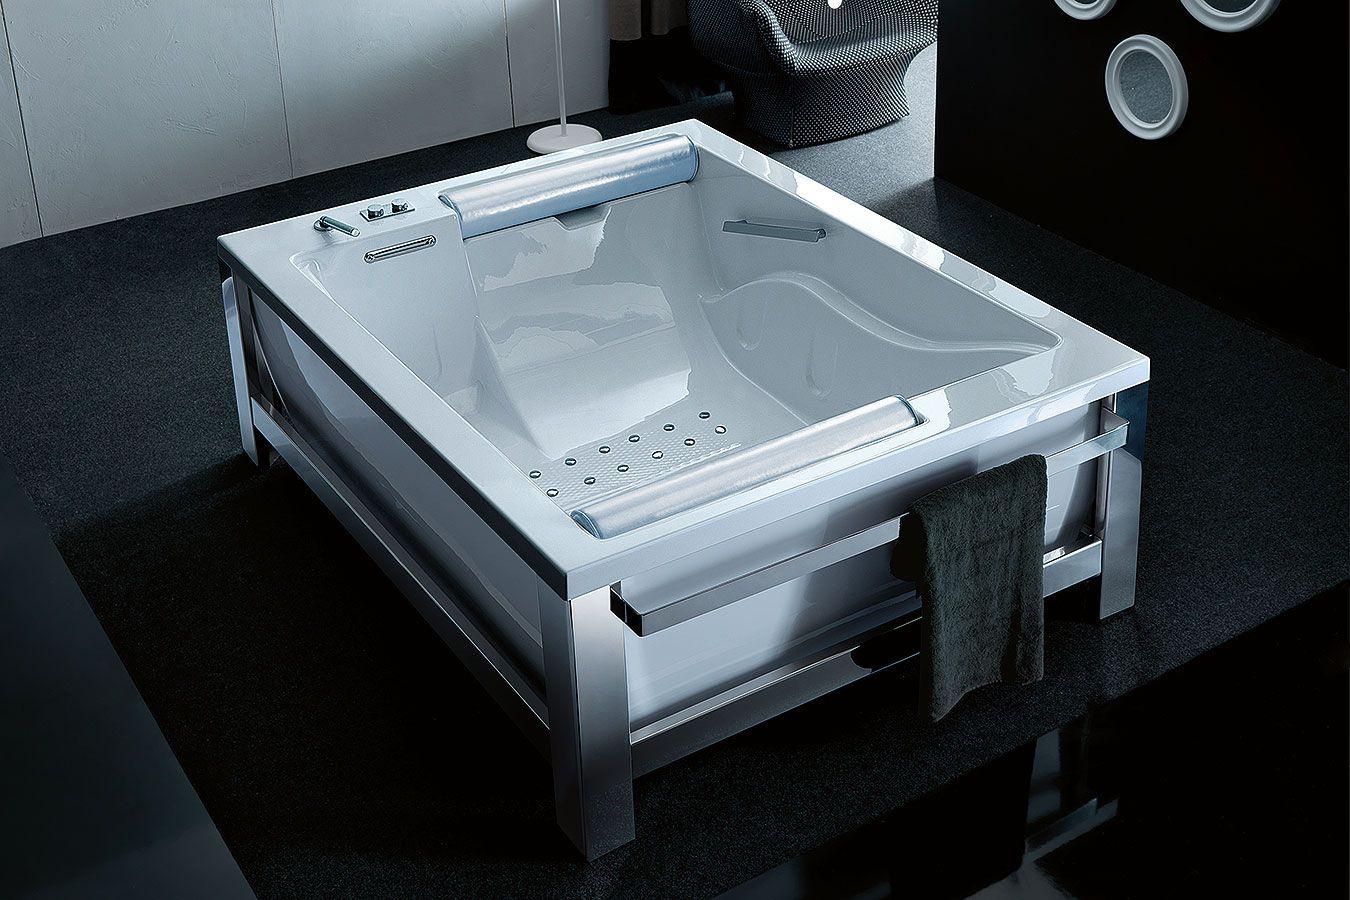 Gruppo treesse vasche da bagno box doccia for the home bathroom bath bath decor - Treesse vasche da bagno ...